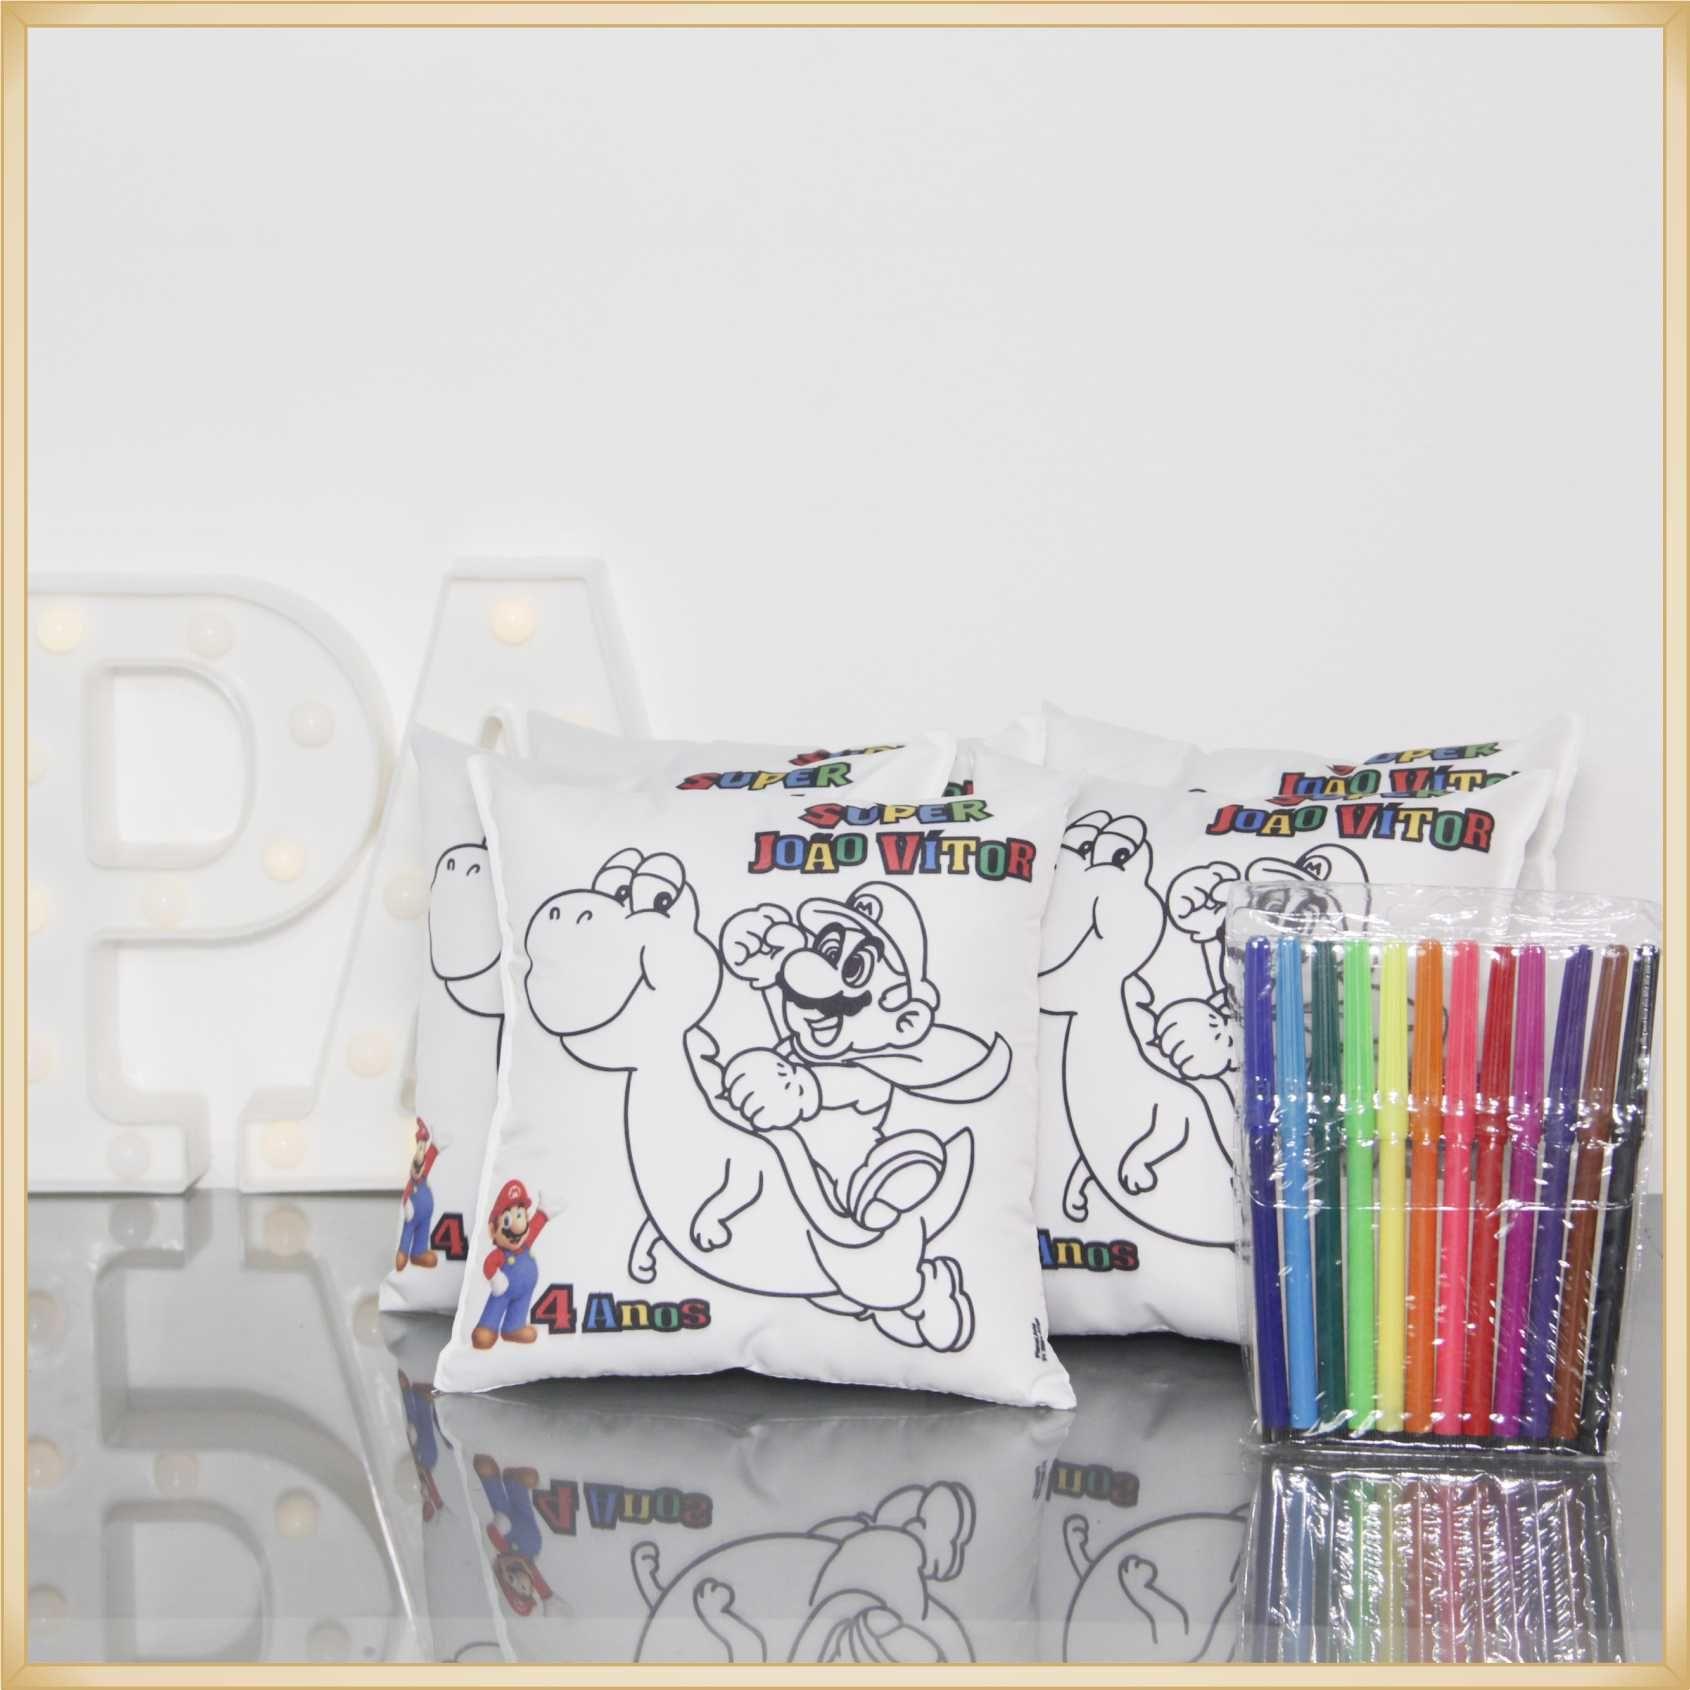 Almofadas para Pintar Personalizadas para lembrancinha de aniversário brindes de colorir para festa - Kit com 15 unidades Tamanho 30x30cm.